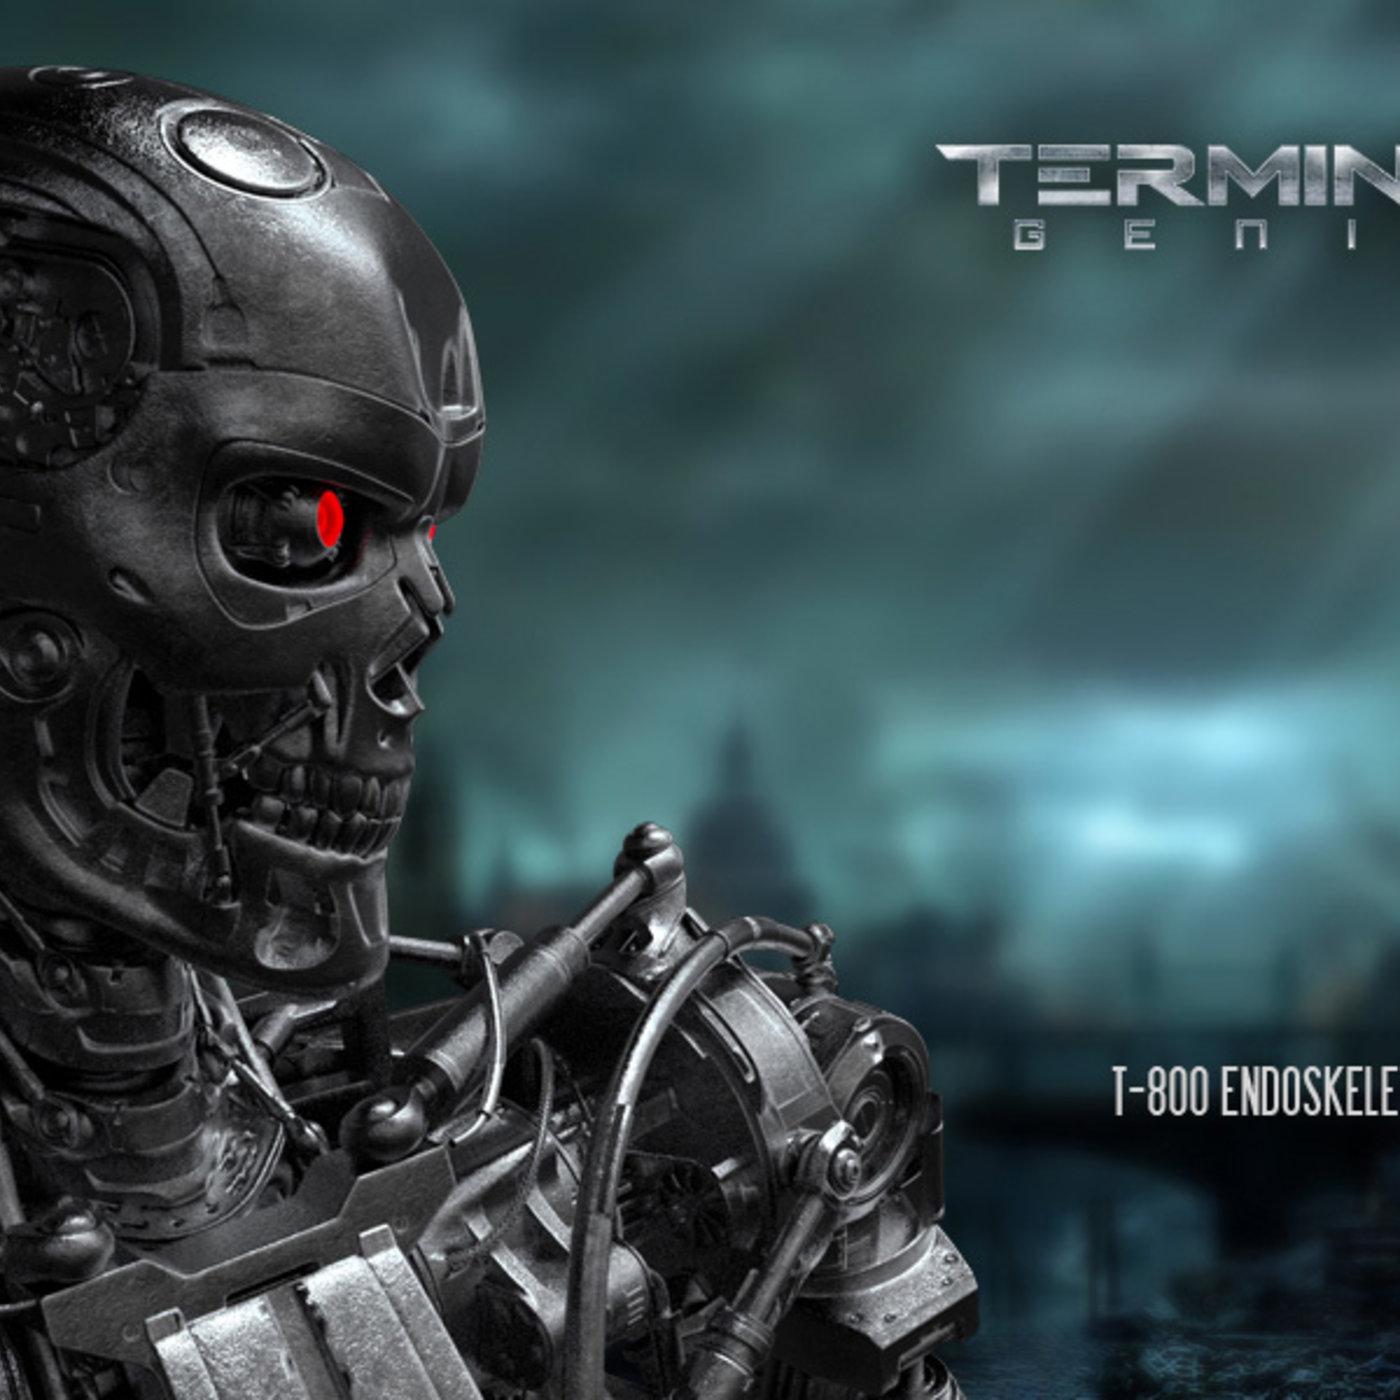 Terminator T800